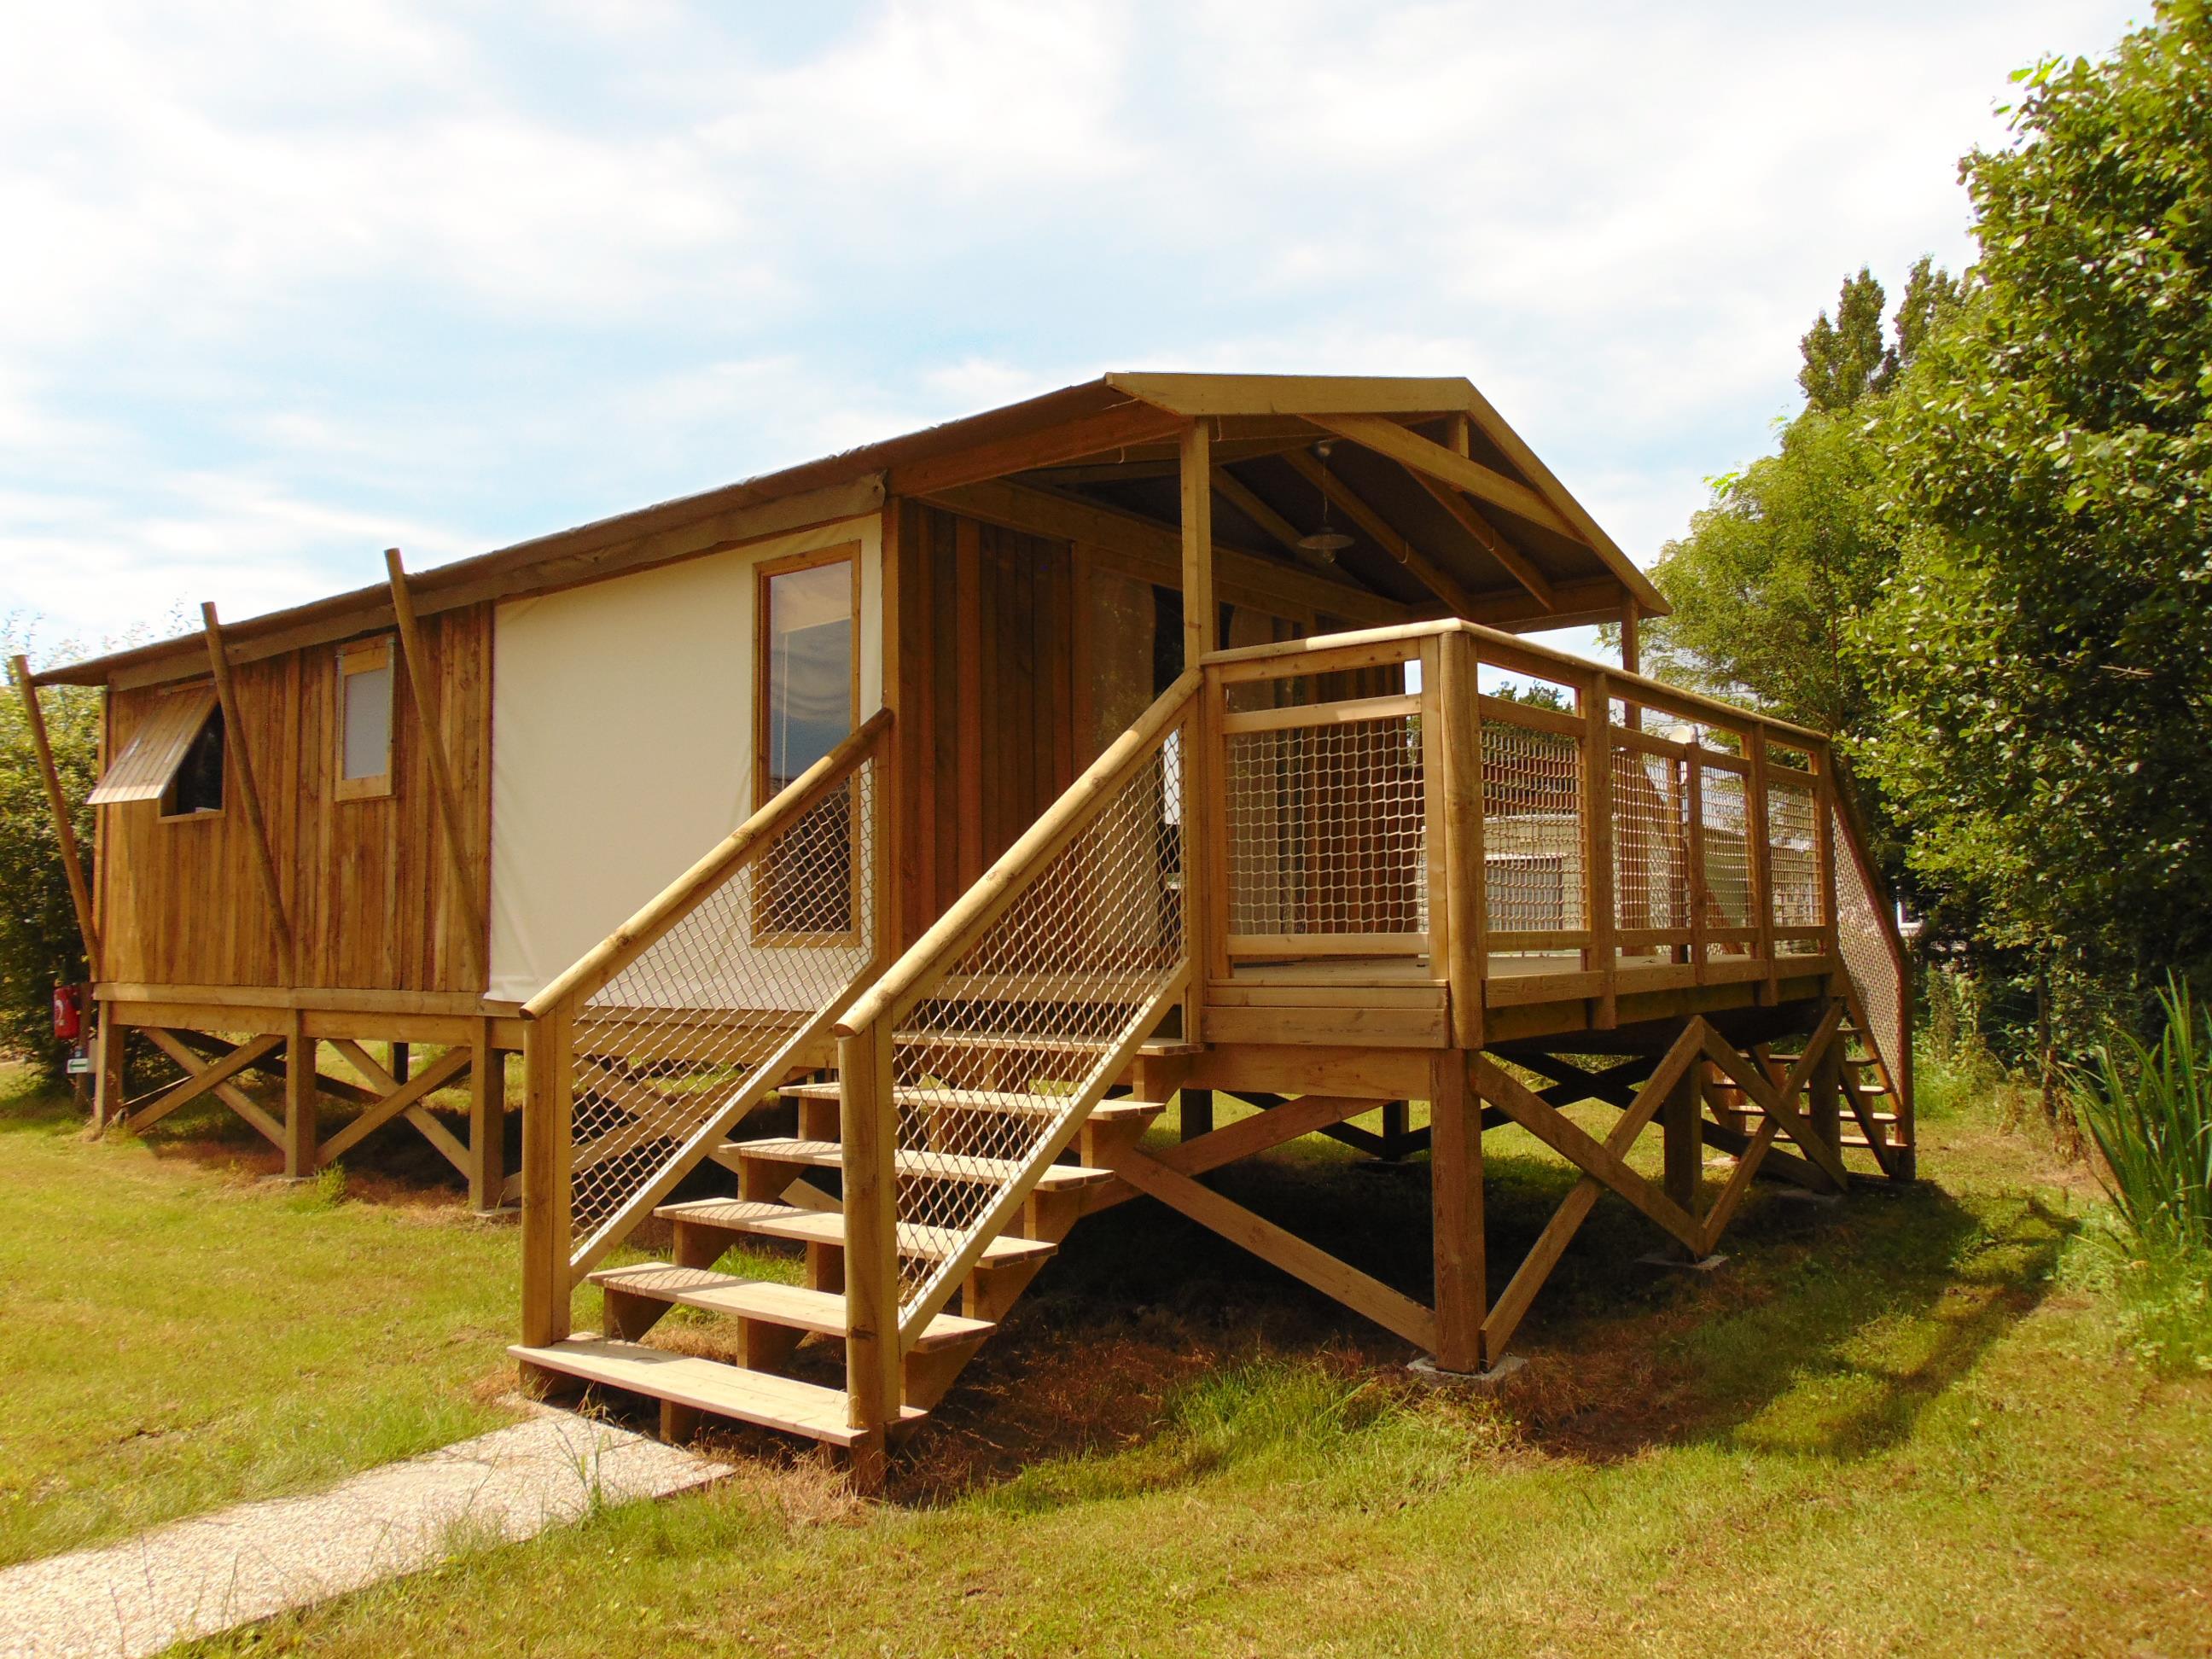 Camping Beauchene, Avrillé, Vendée